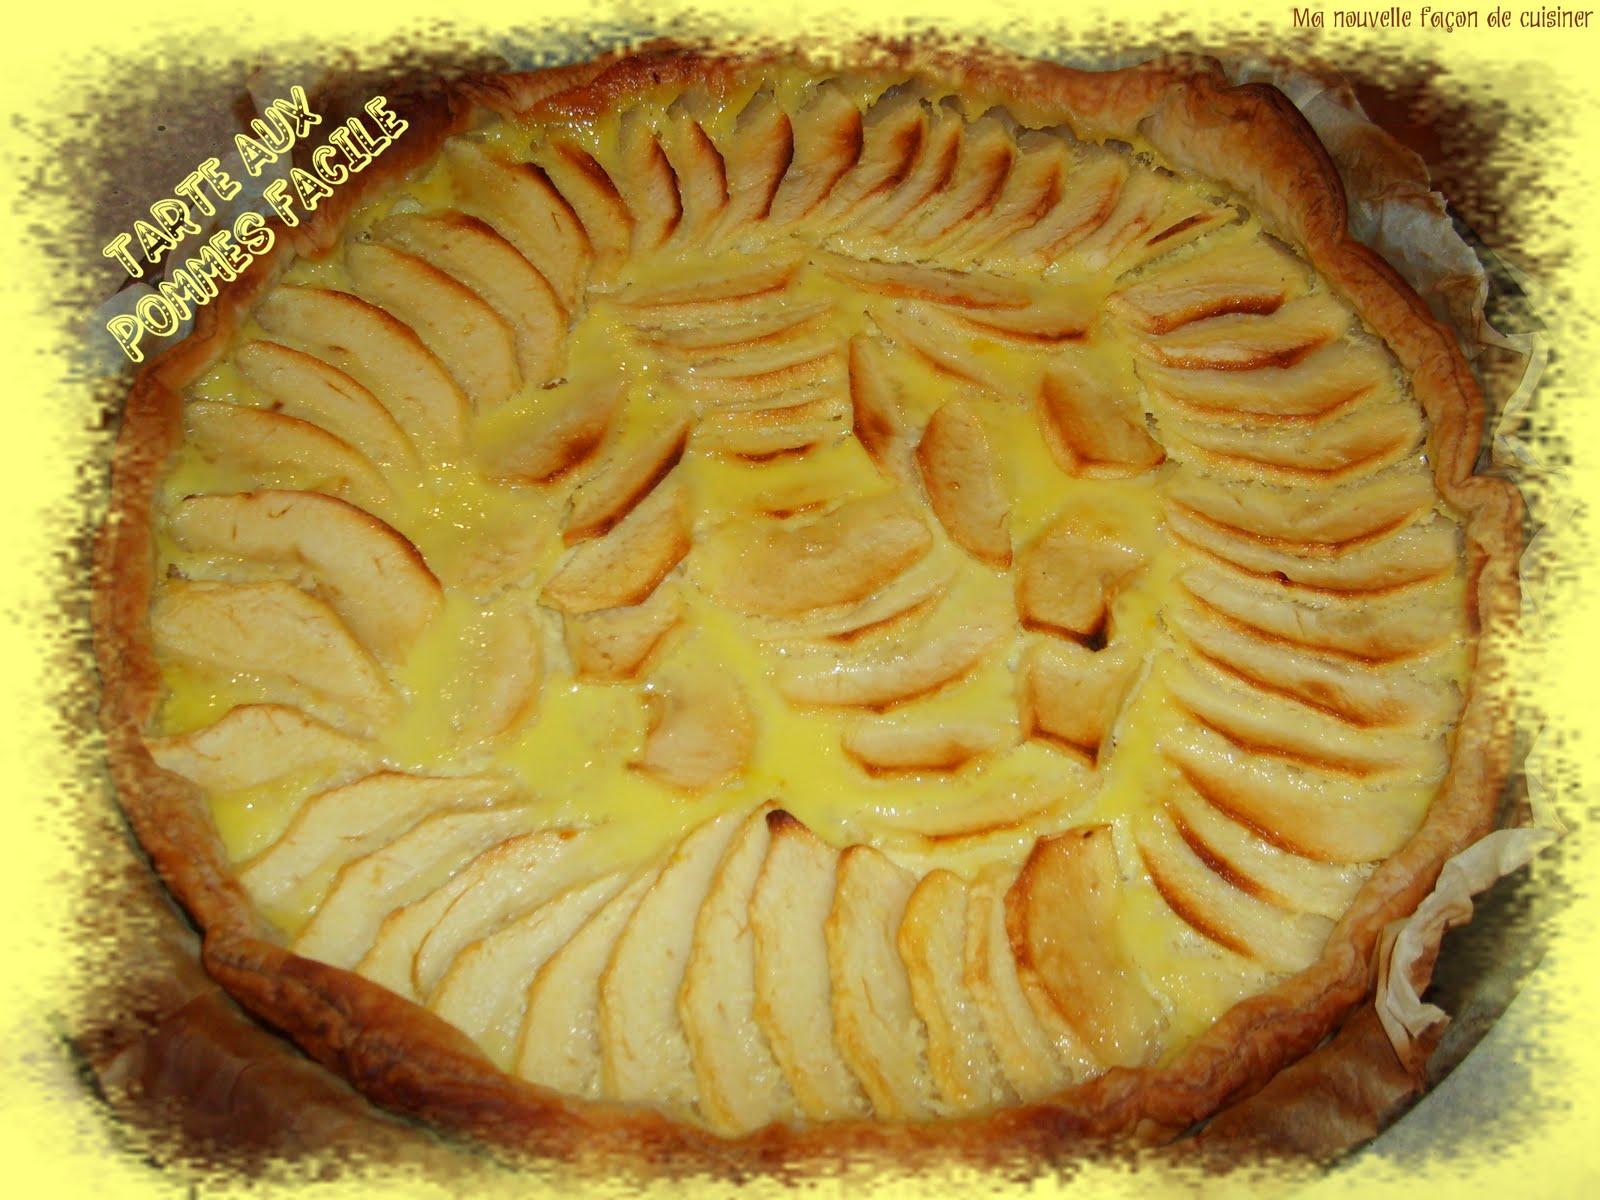 Ma nouvelle fa on de cuisiner tarte aux pommes 4 pts fp - Cuisiner le patisson marmiton ...